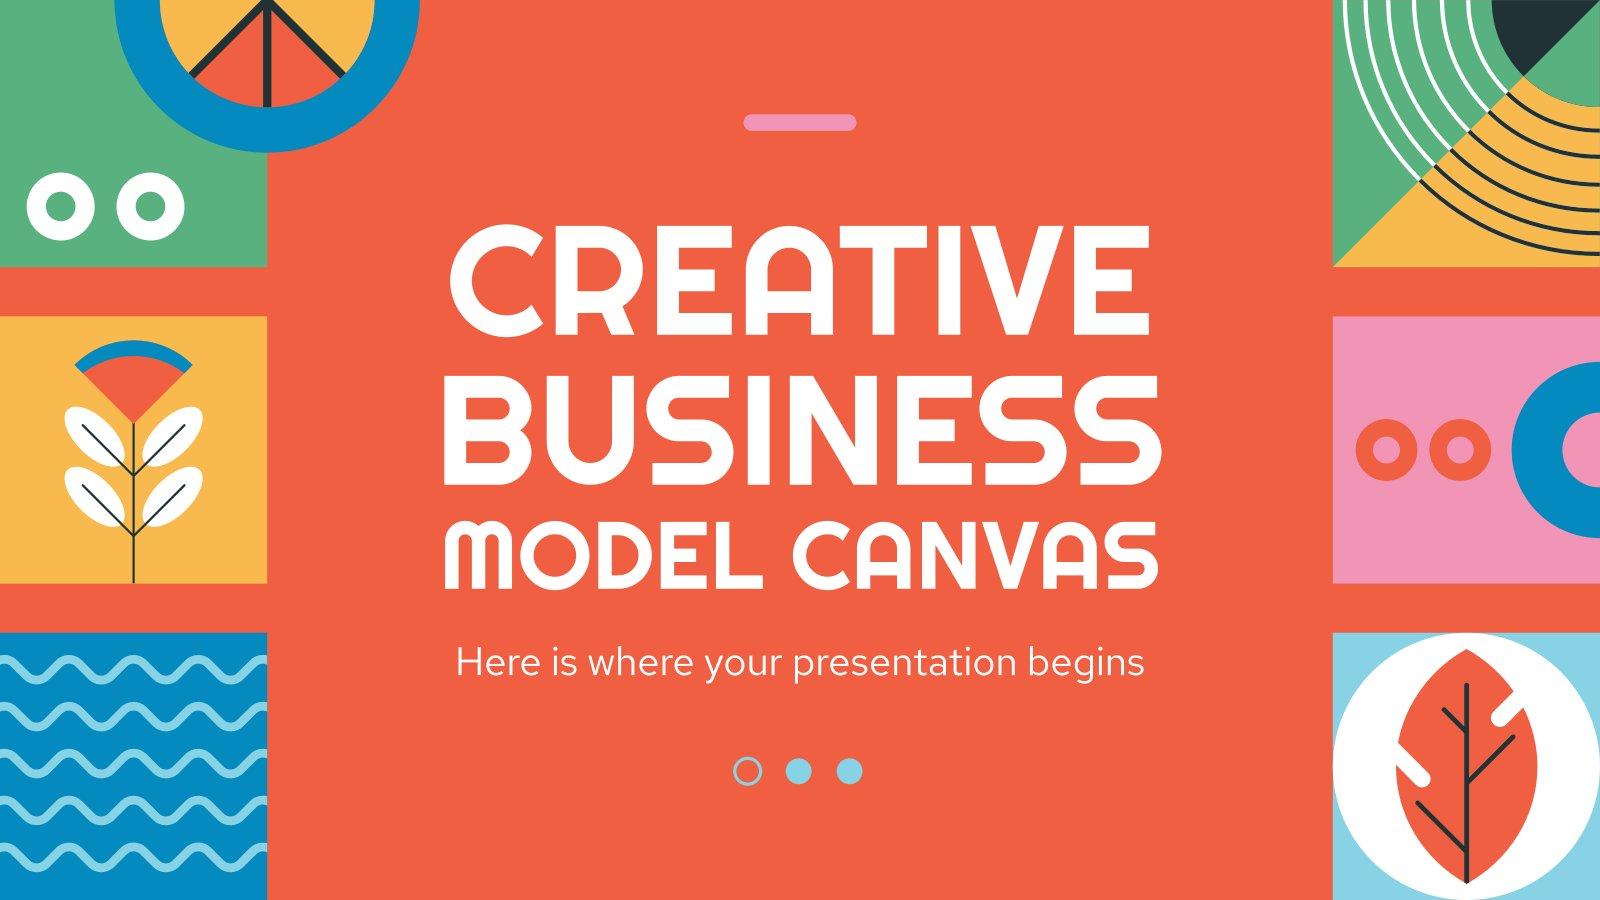 Modelo de apresentação Modelo de negócios criativo